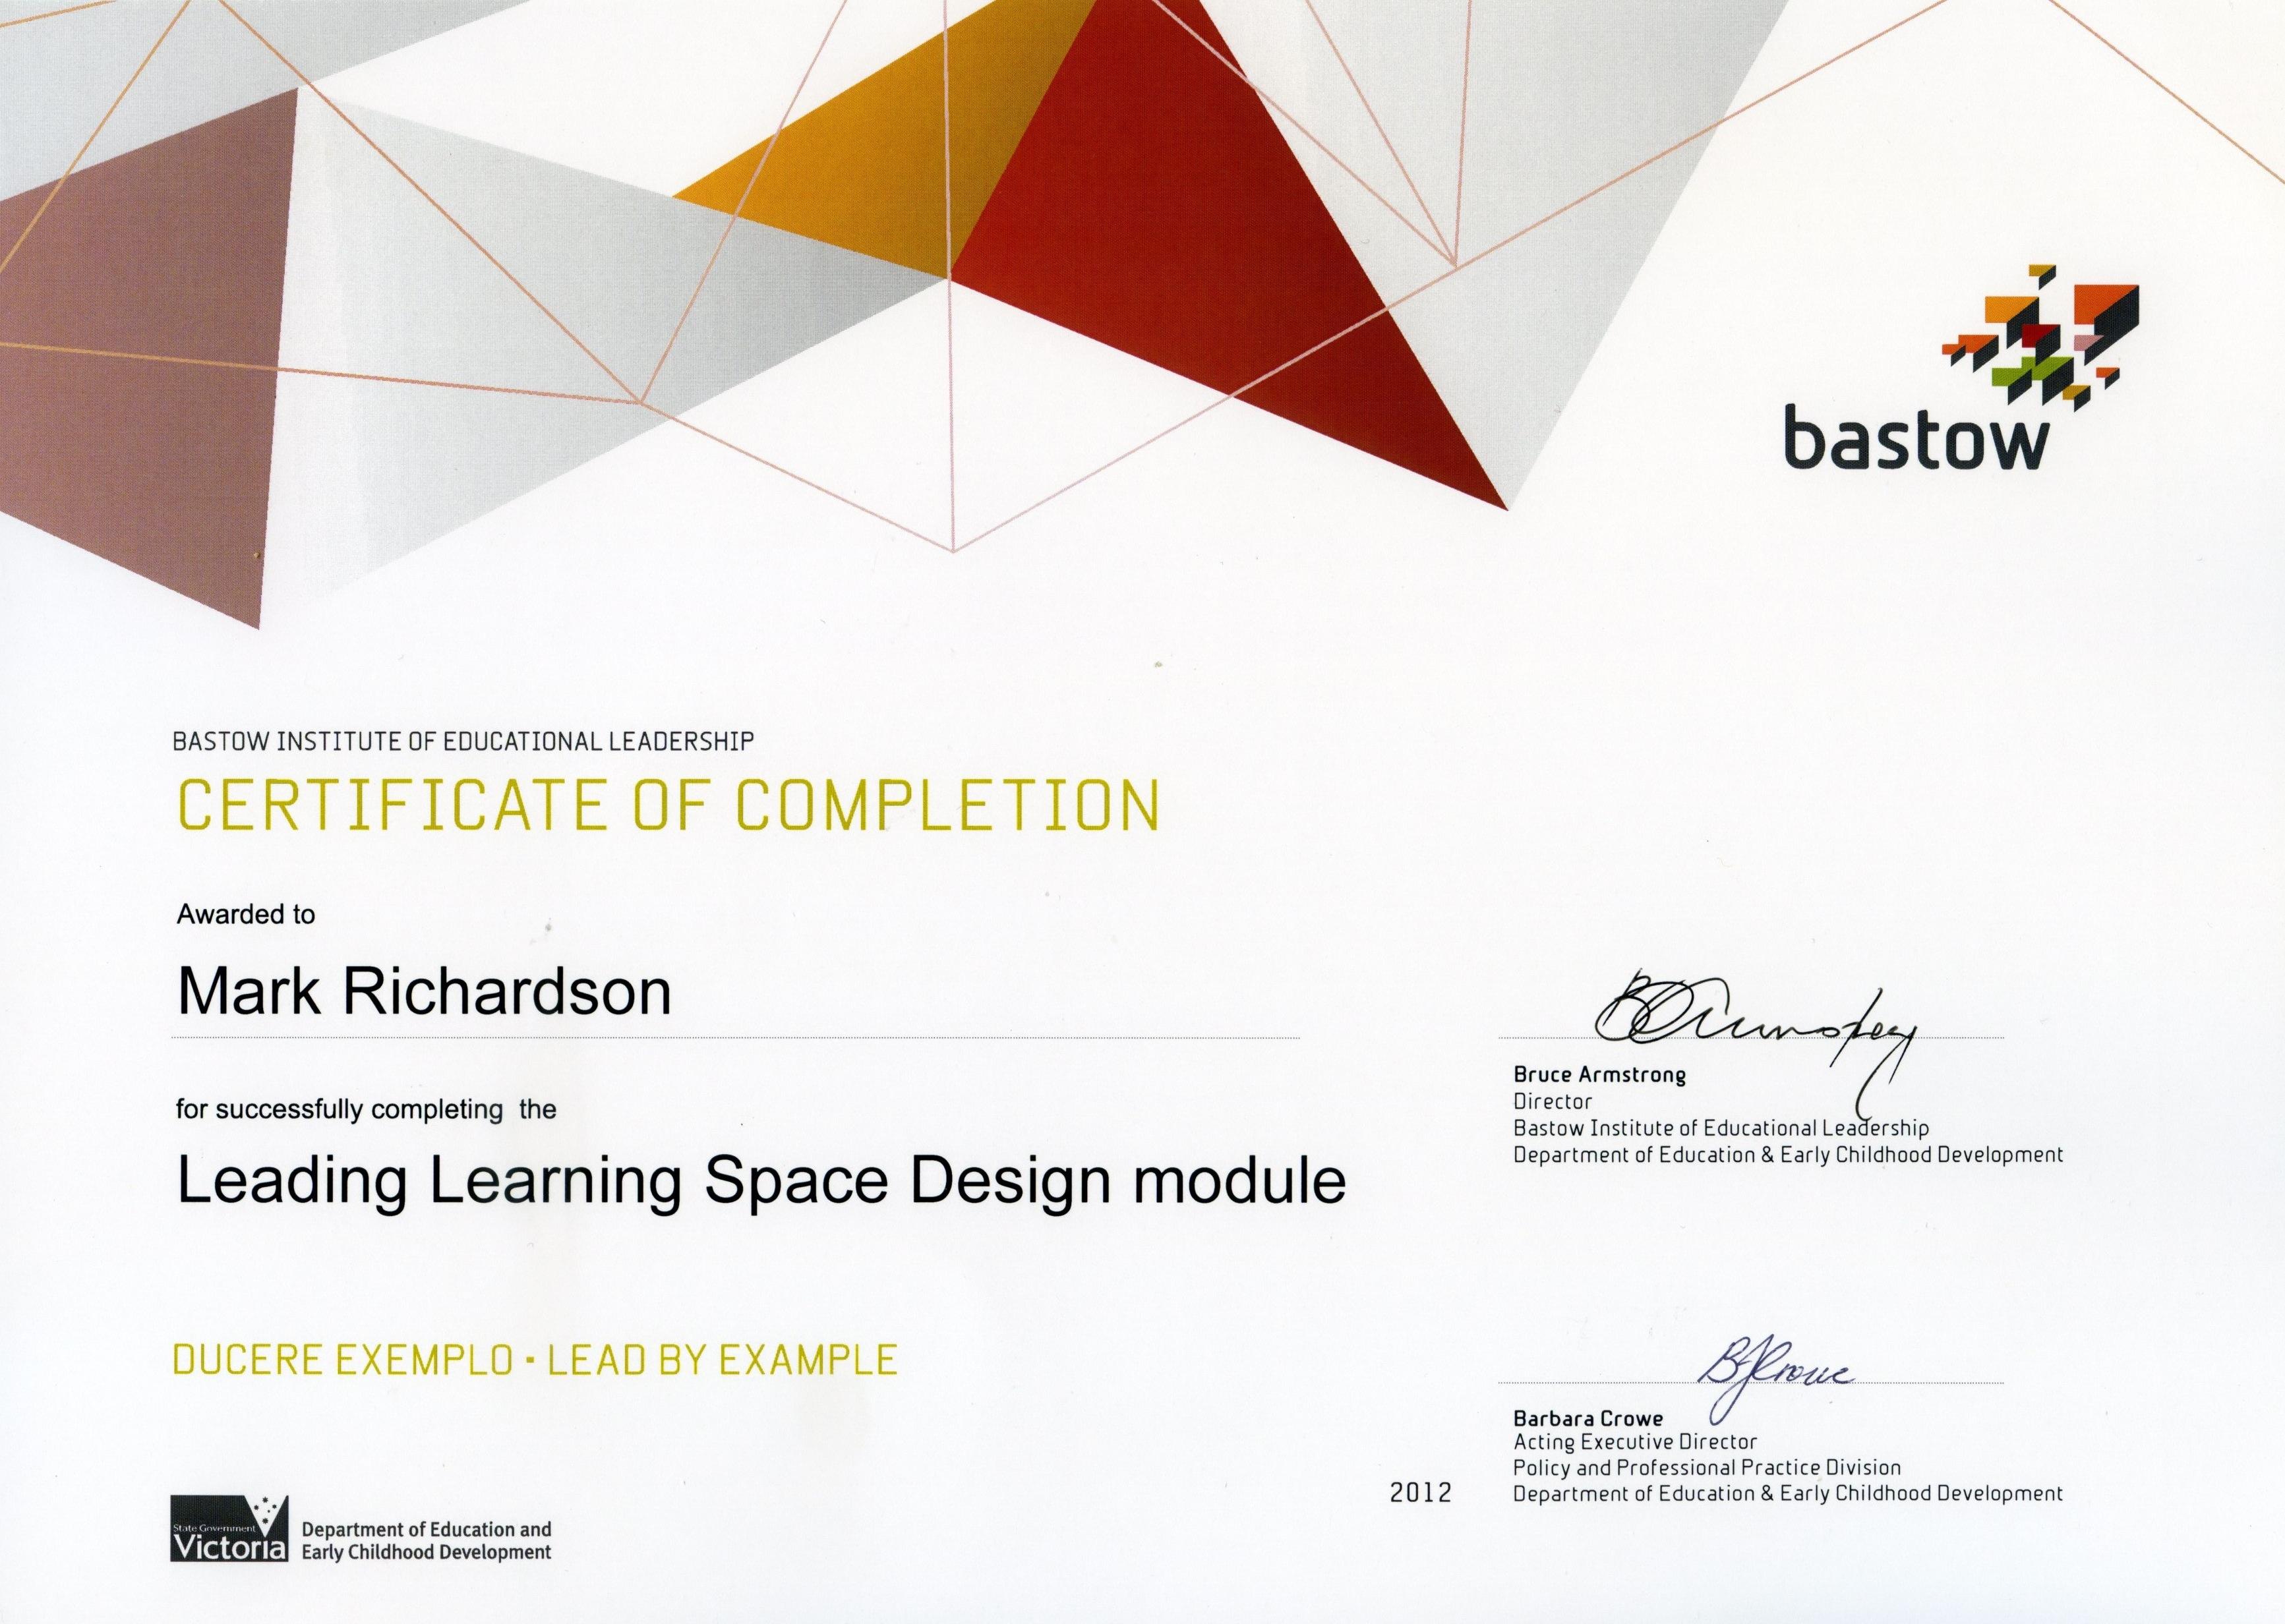 Creative Certificate Designs Fieldstationco  6a00e5537796fd8834017743c524df970d Pi Creative Certificate Designs  Creative Certificate Designs